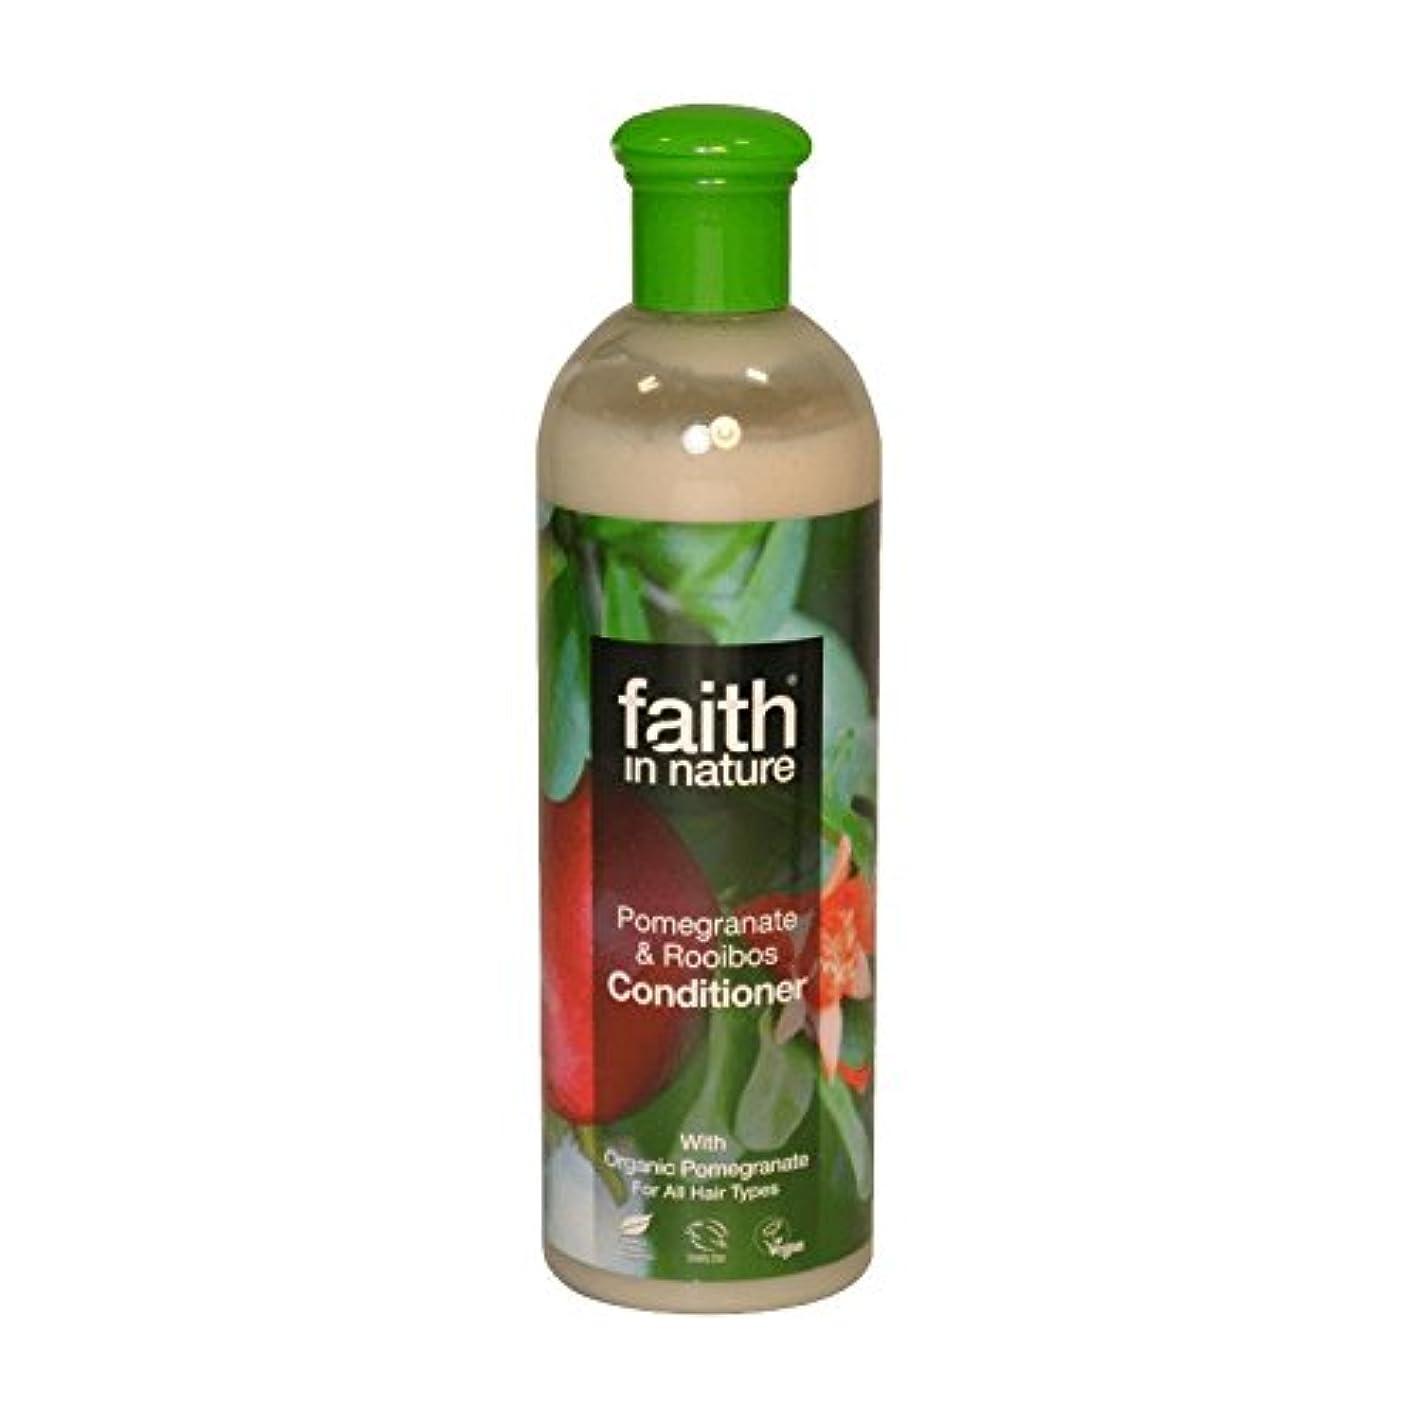 推論翻訳するもしFaith in Nature Pomegranate & Roobios Conditioner 400ml (Pack of 2) - 自然ザクロ&Roobiosコンディショナー400ミリリットルの信仰 (x2) [並行輸入品]